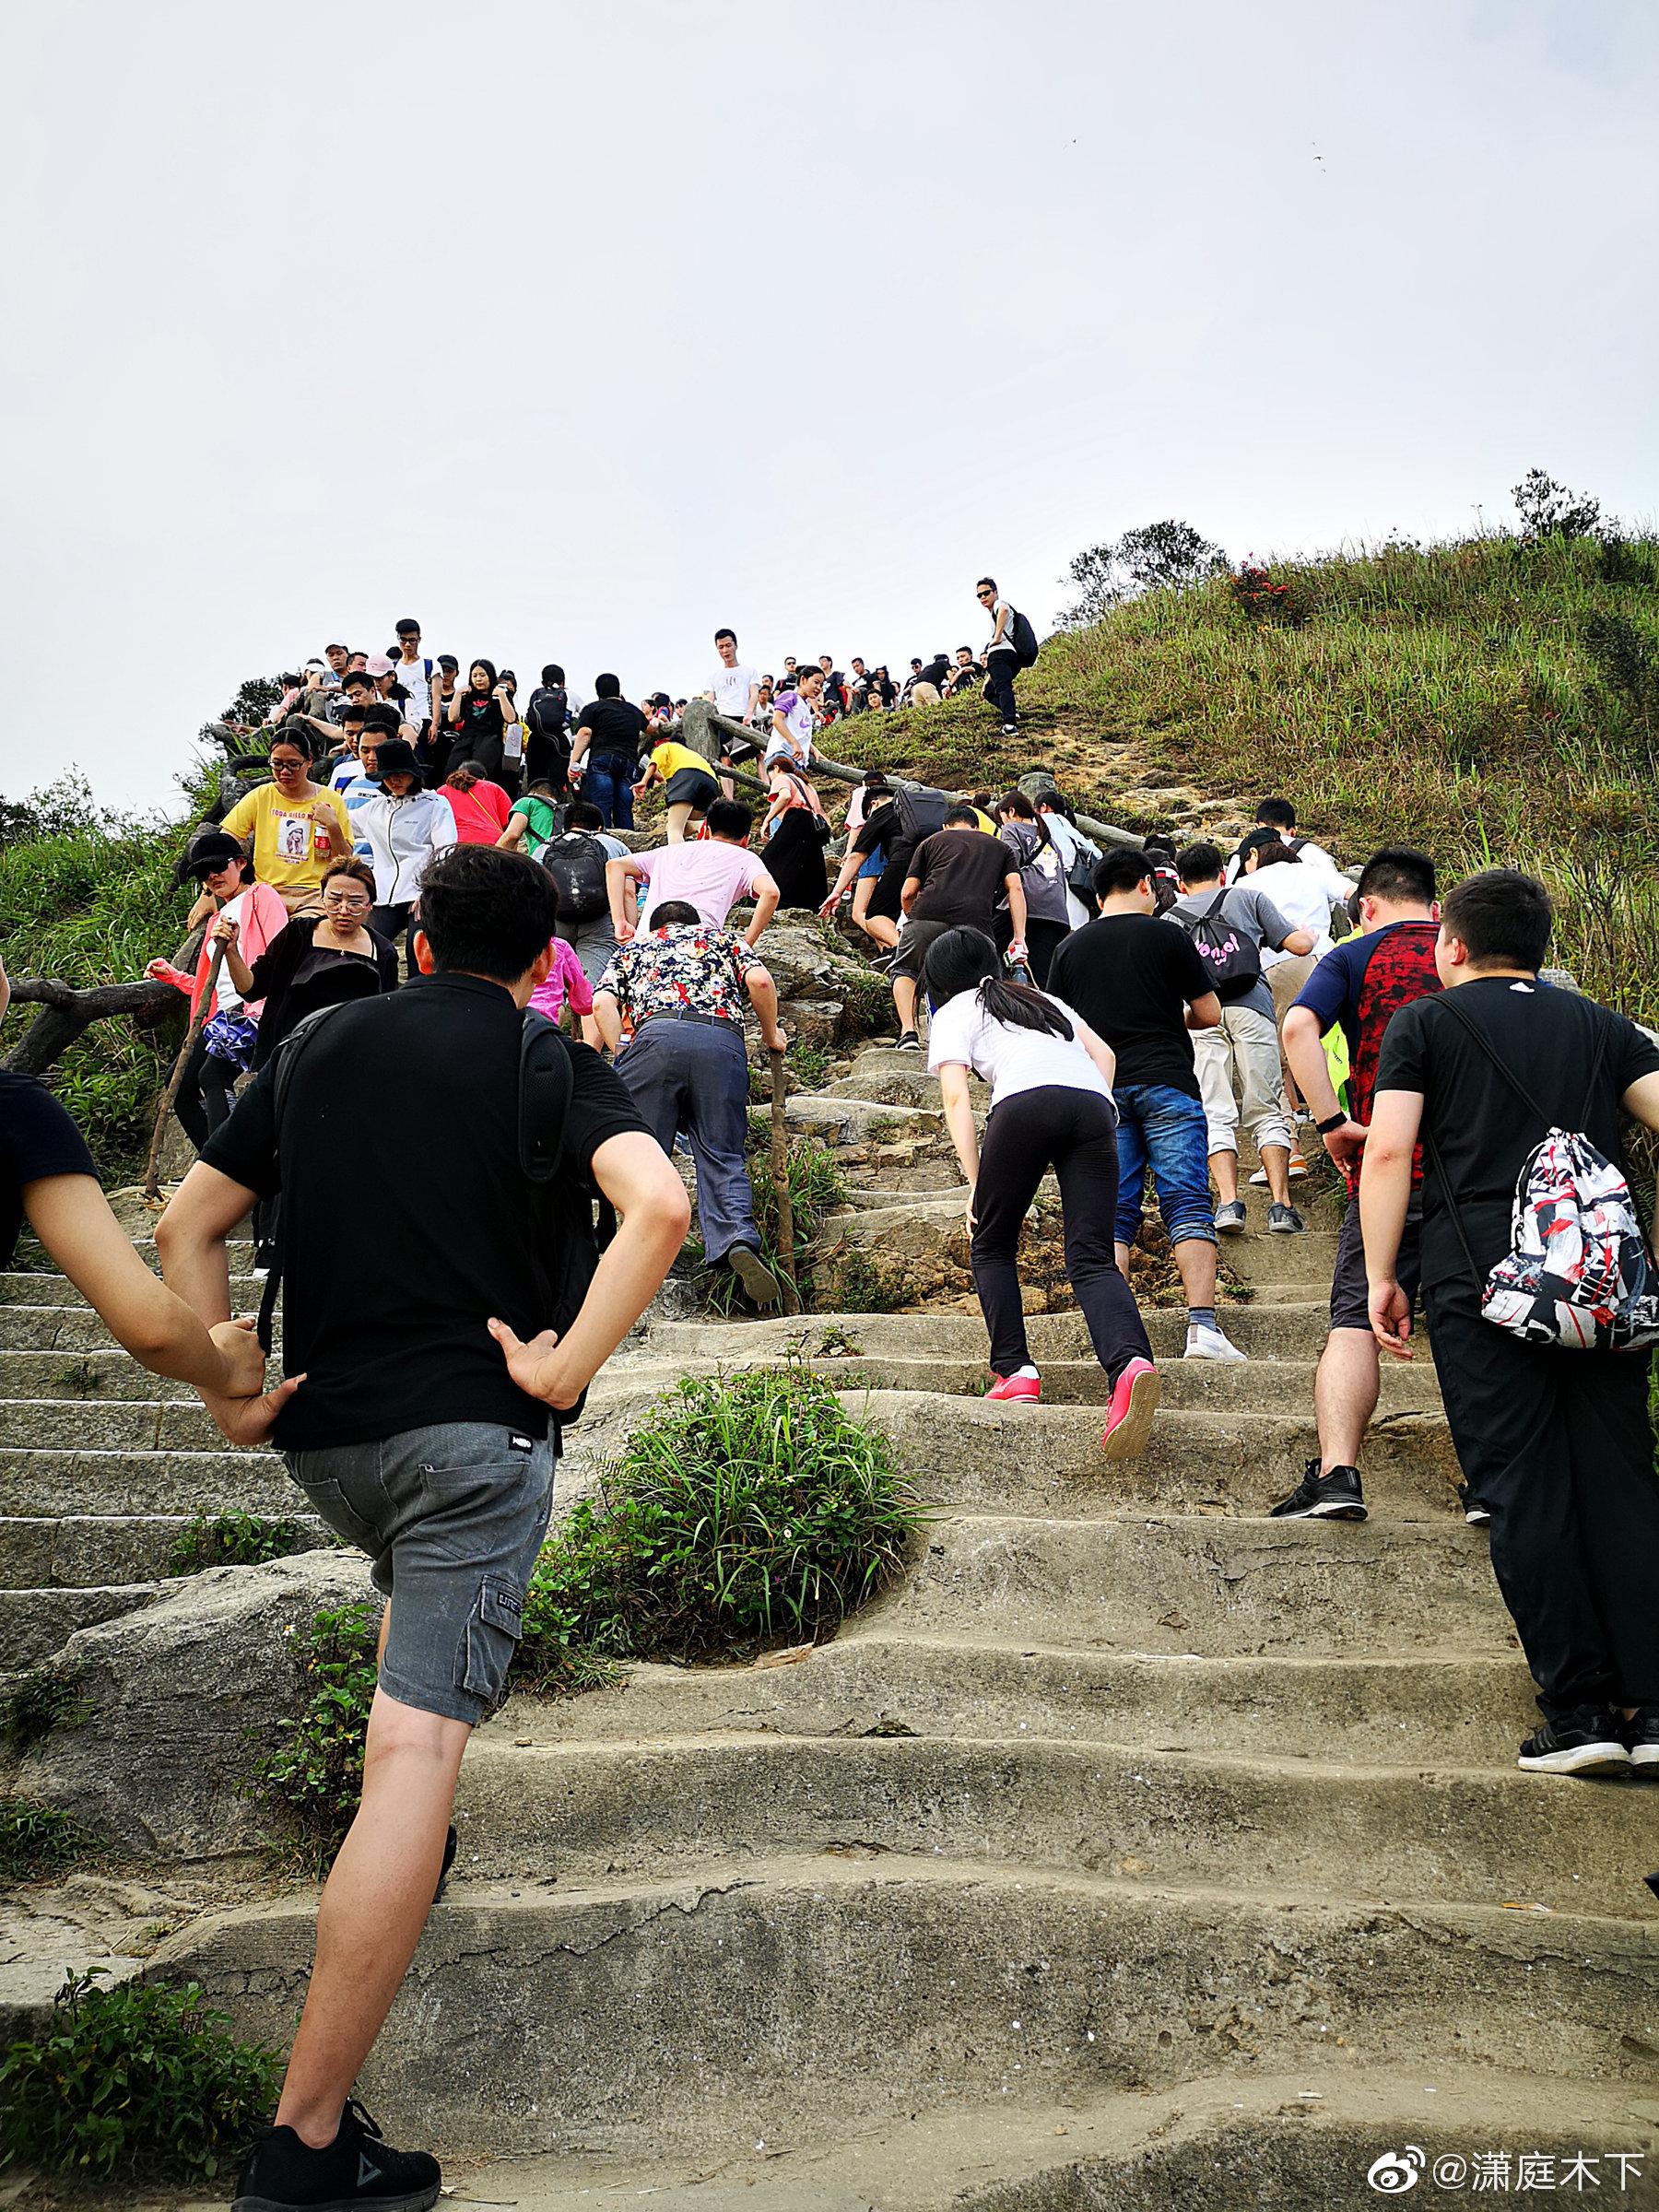 爬好汉坡,登鹏城第一峰,梧桐山上。由 华为P20 Pro 徕卡三摄 拍摄